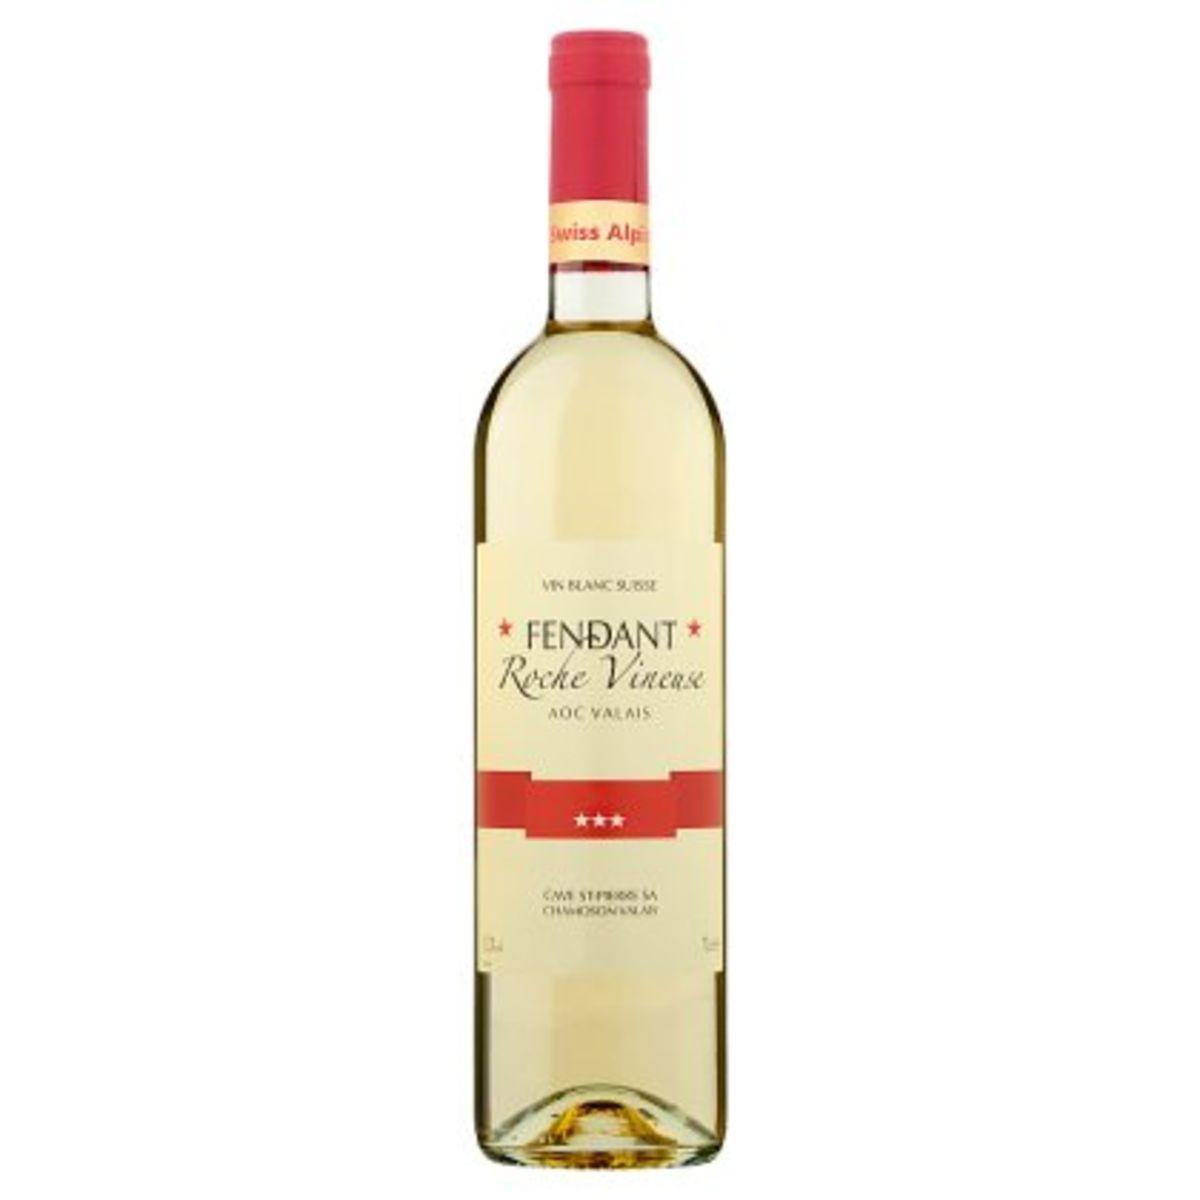 Fendant Roche Vineuse 75 cl